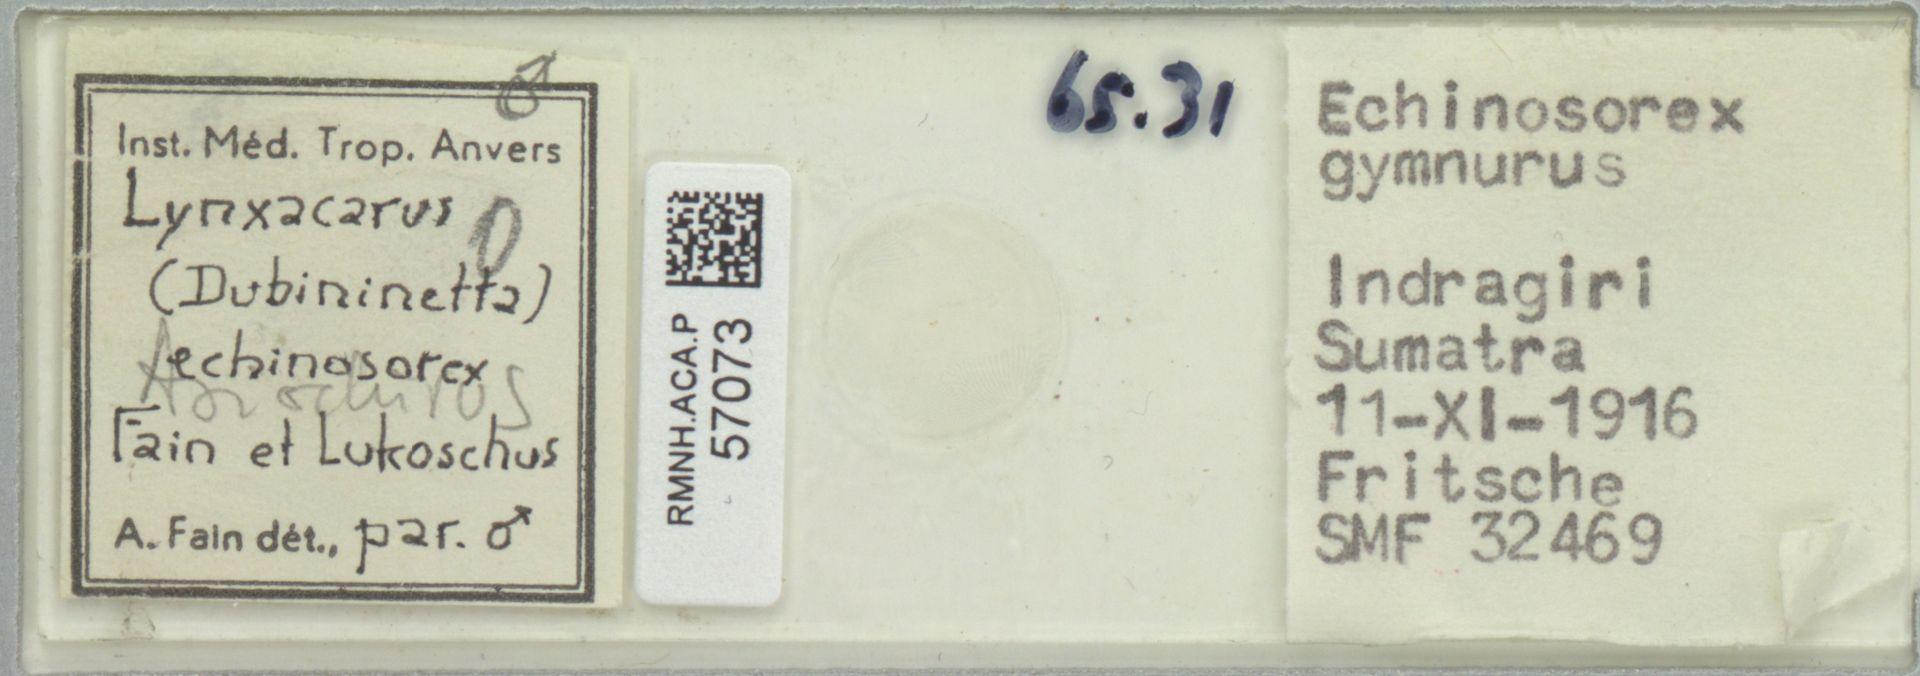 RMNH.ACA.P.57073 | Lynxacarus (Dubininetta) echinosorex Fain et Lukoschus